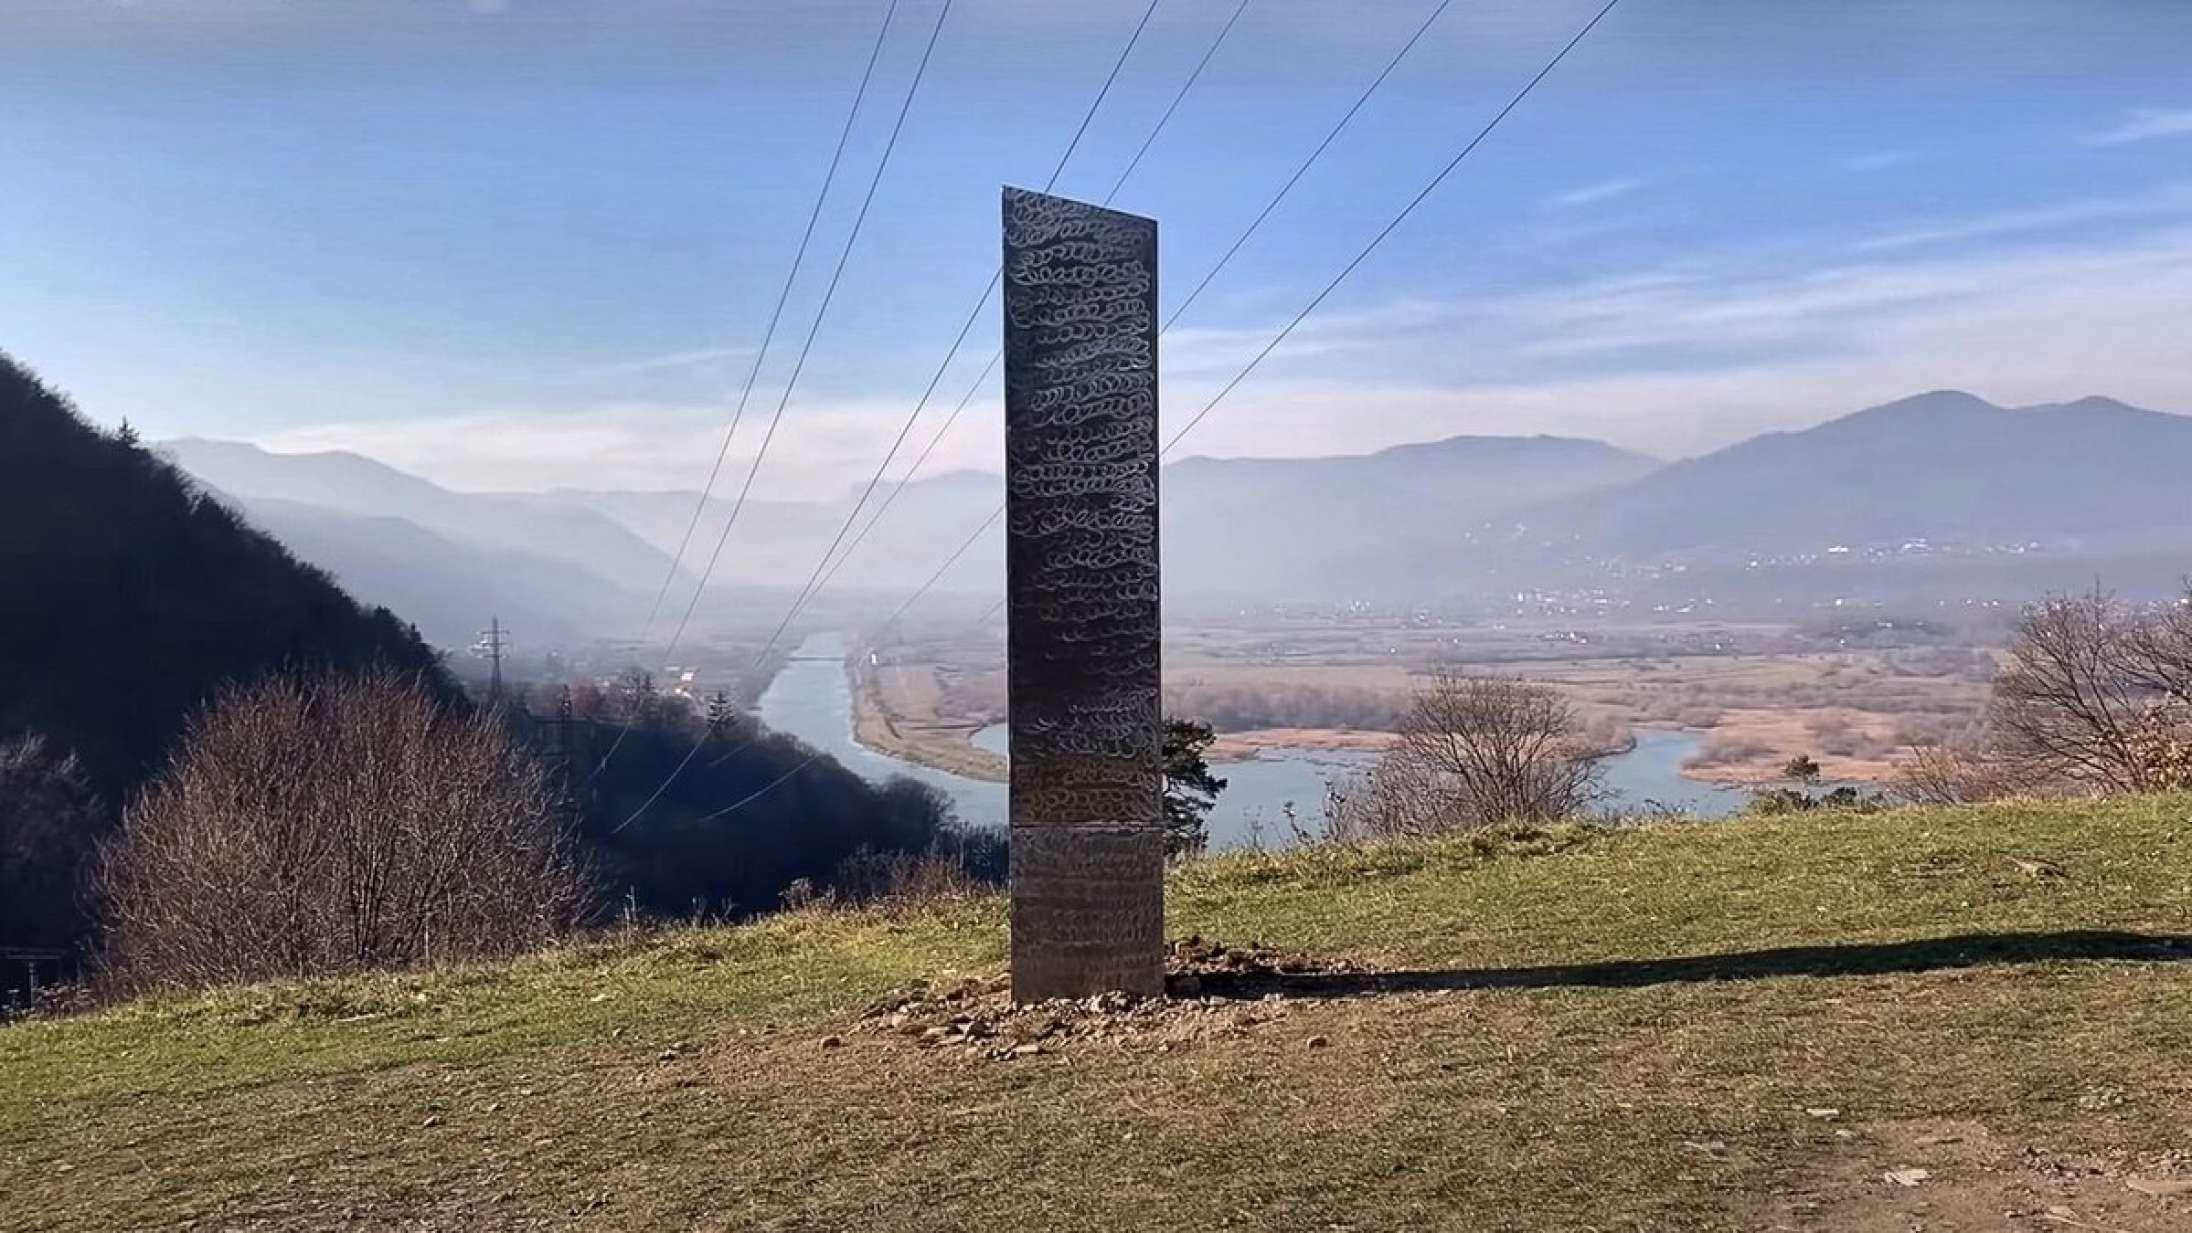 Mysteriet fortsætter: Ny 'Rumrejsen år 2001'-lignende monolit fundet i Rumænien